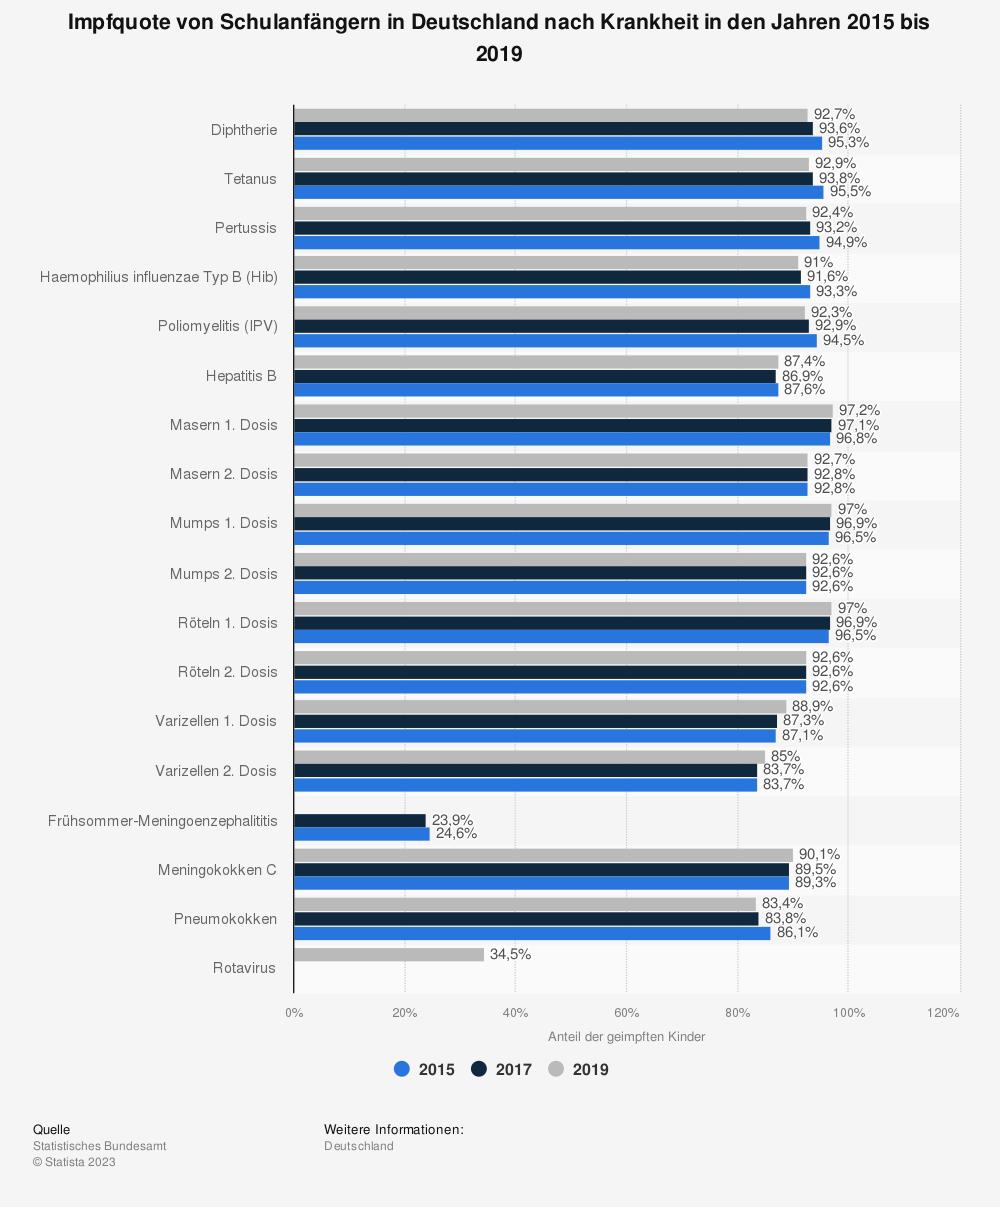 Statistik: Impfquote von Schulanfängern in Deutschland nach Krankheit in den Jahren 2009 bis 2013 | Statista